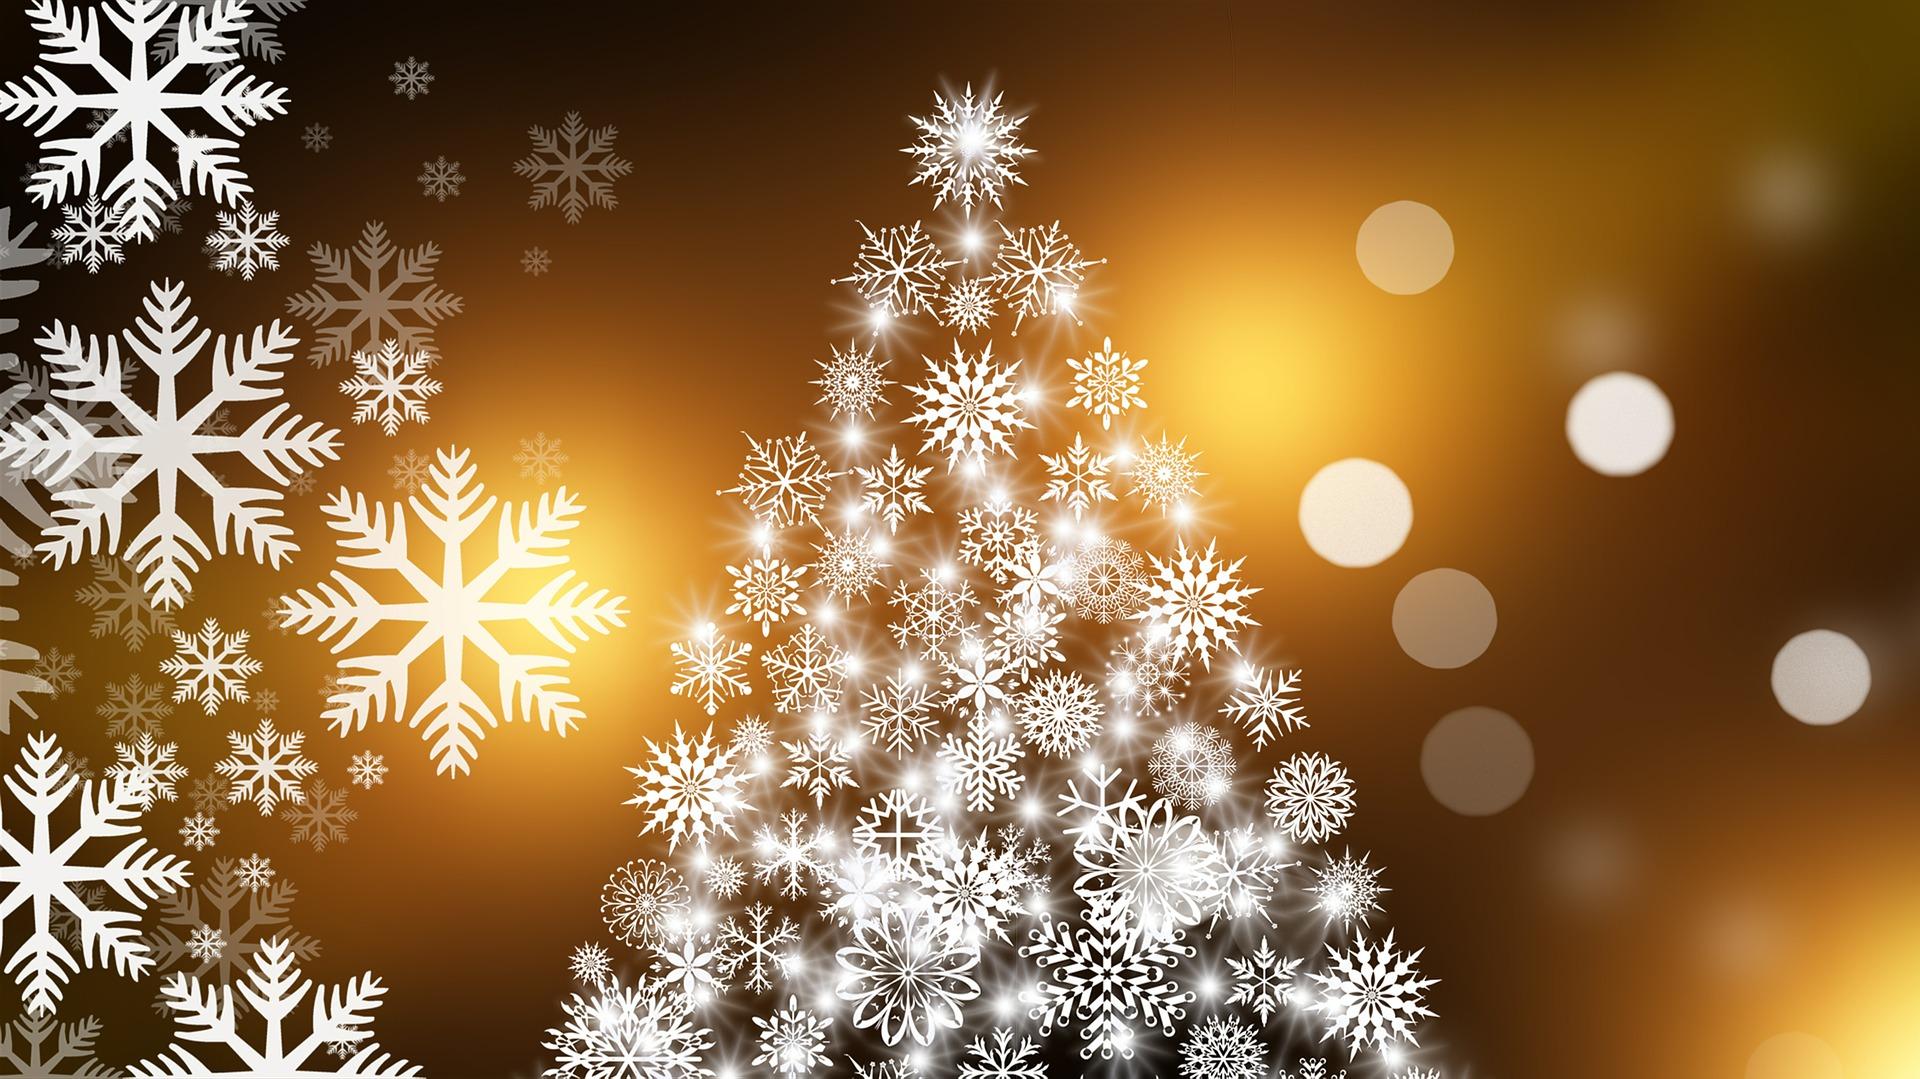 duurzame feestdagen kerstboom